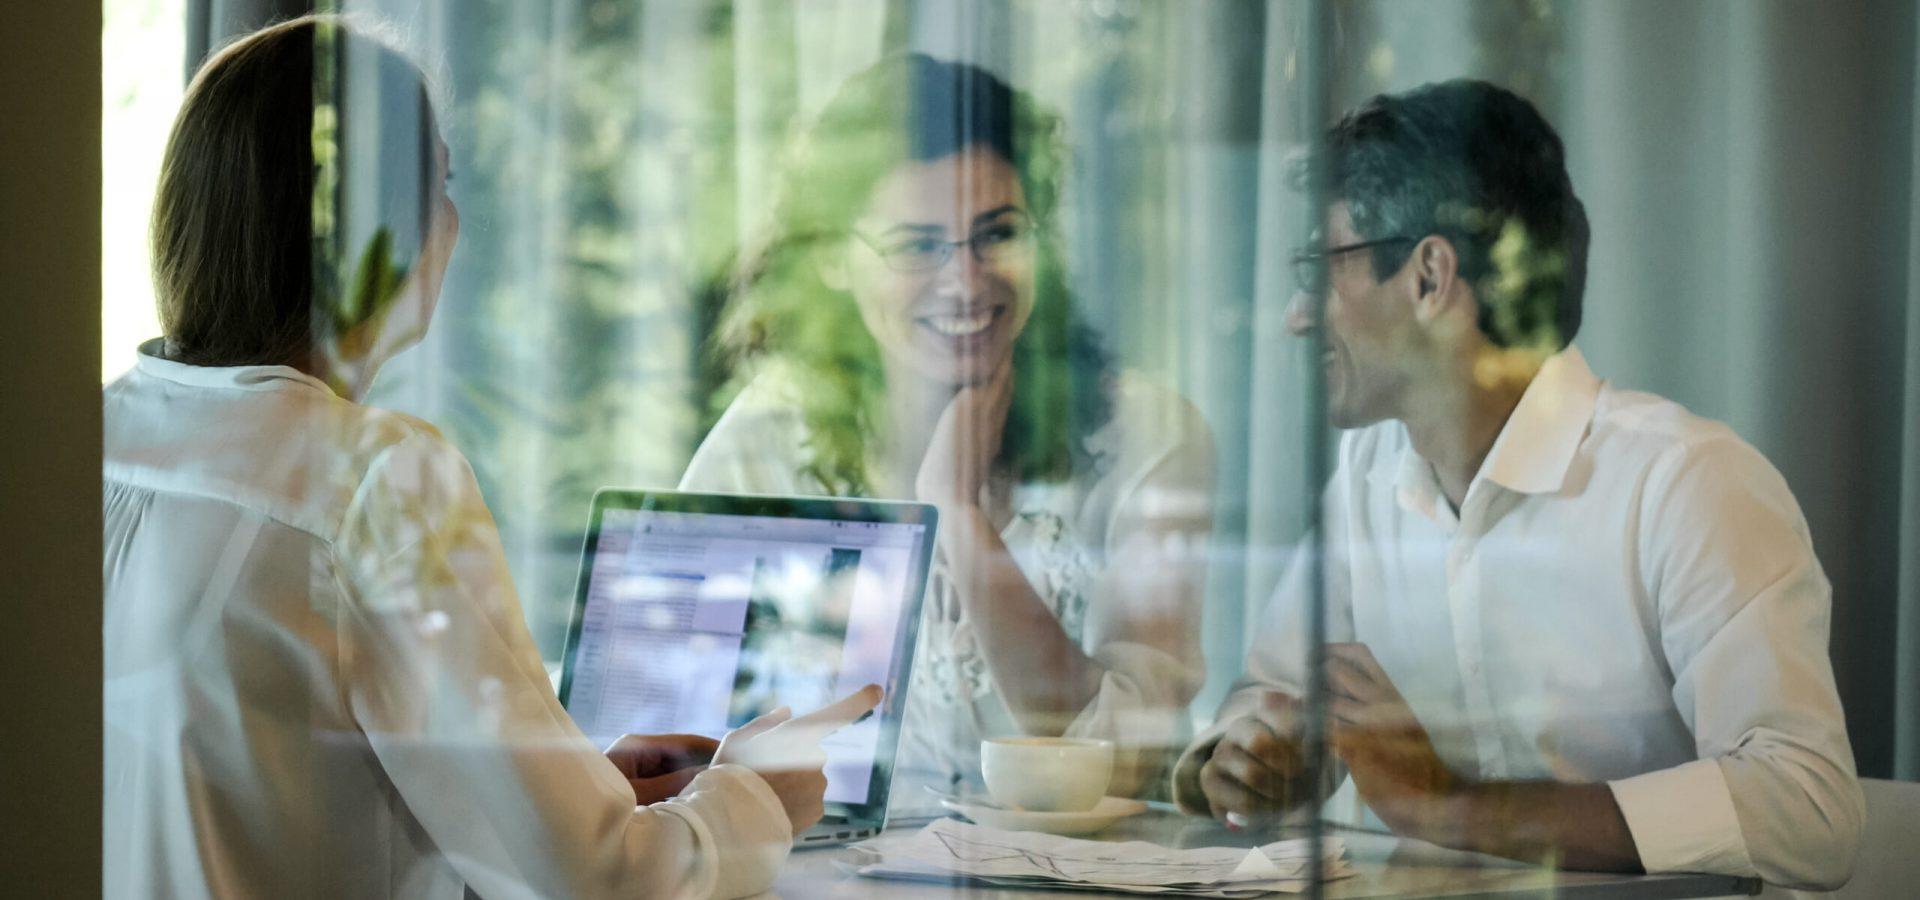 abogada conversando con clientes